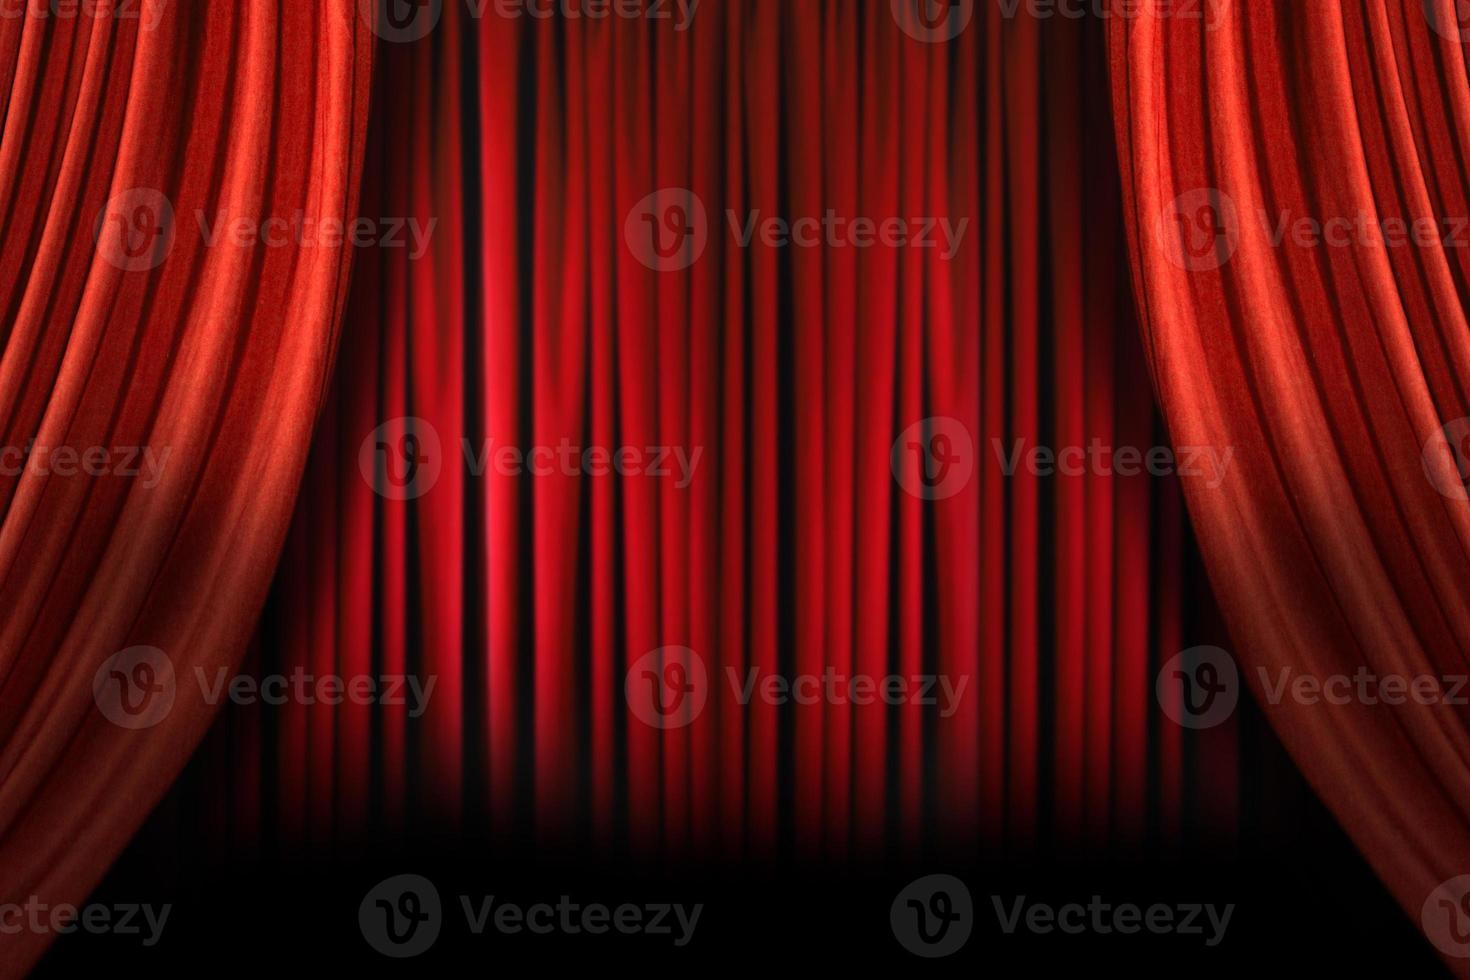 gammaldags elegant scen med swag sammet gardiner foto